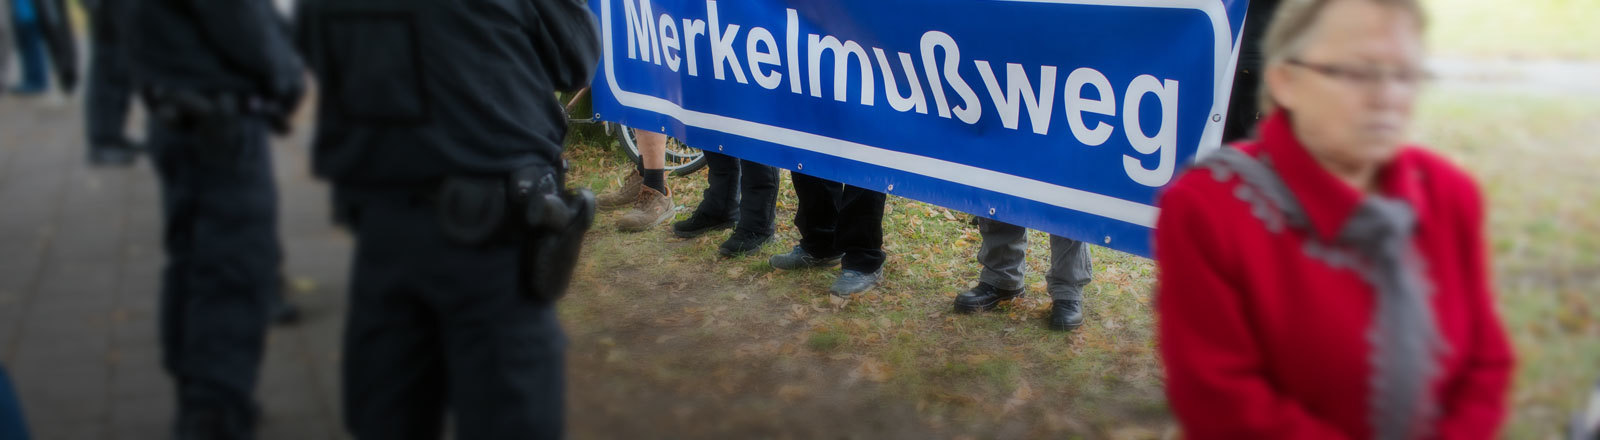 """Menschen halten ein Banner hoch mit dem Schriftzug """"Merkelmußweg"""""""